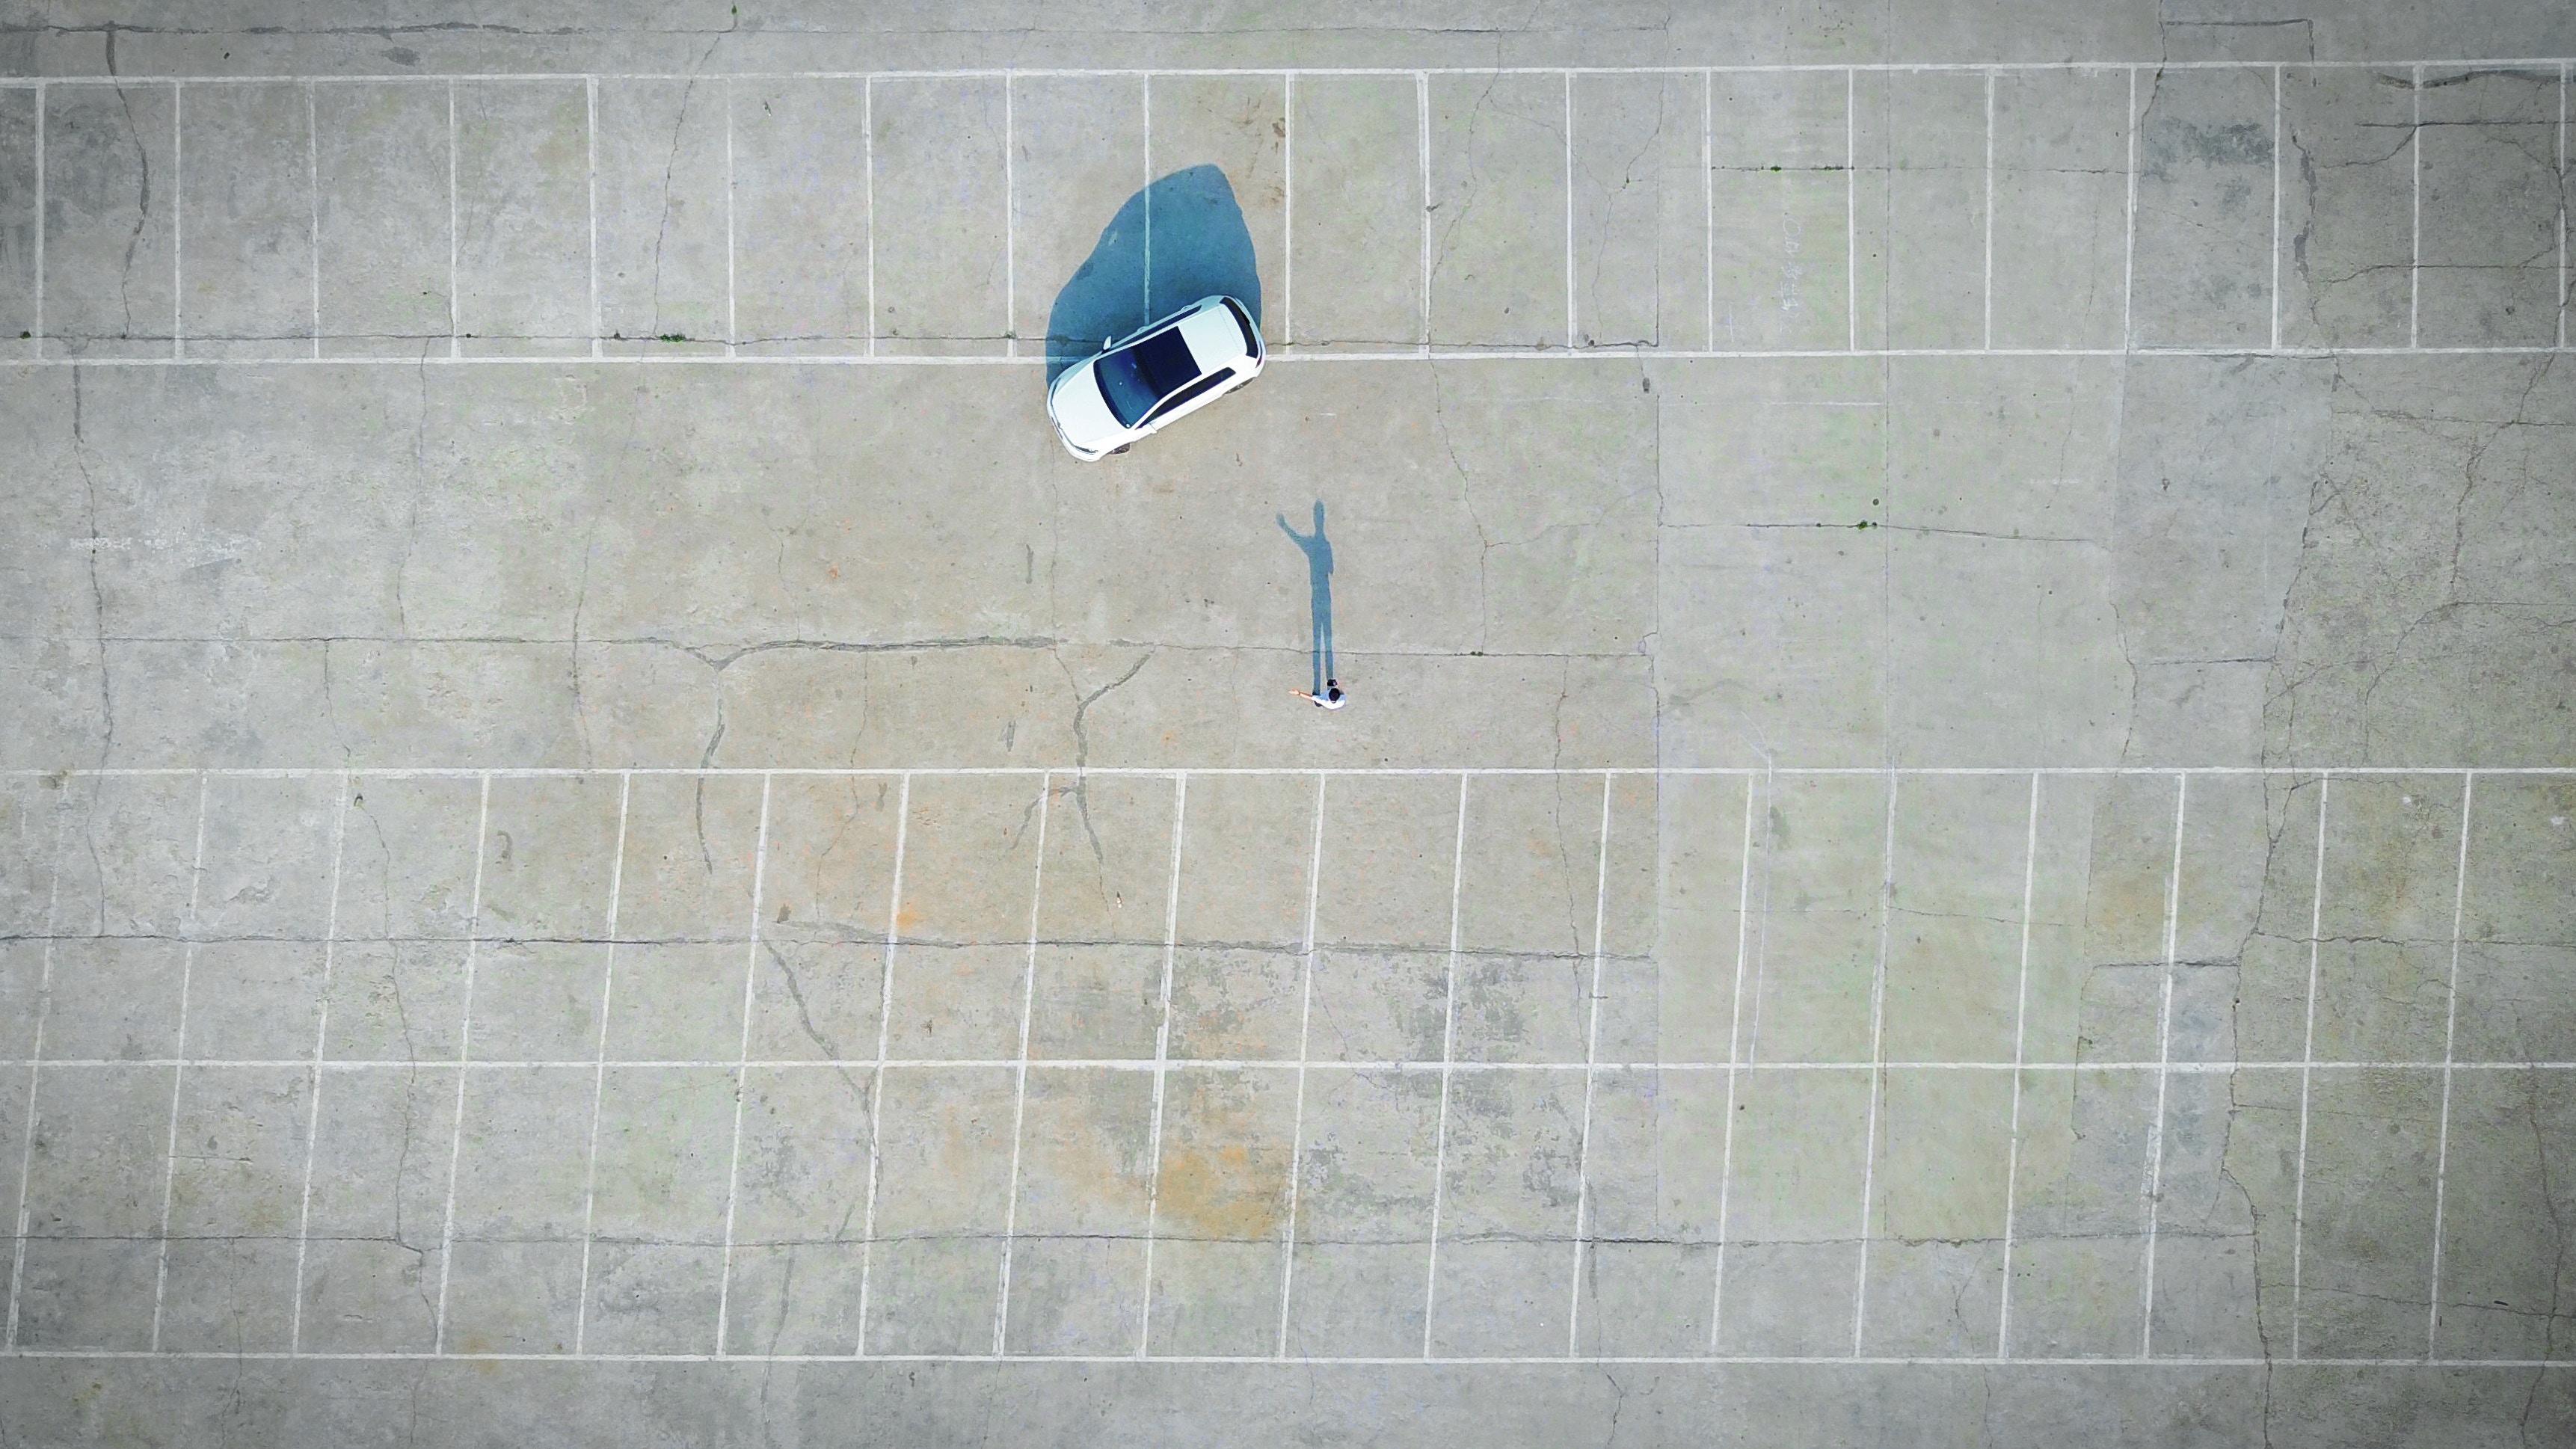 Zo-voorkom-je-parkeerschade-aanwijzing